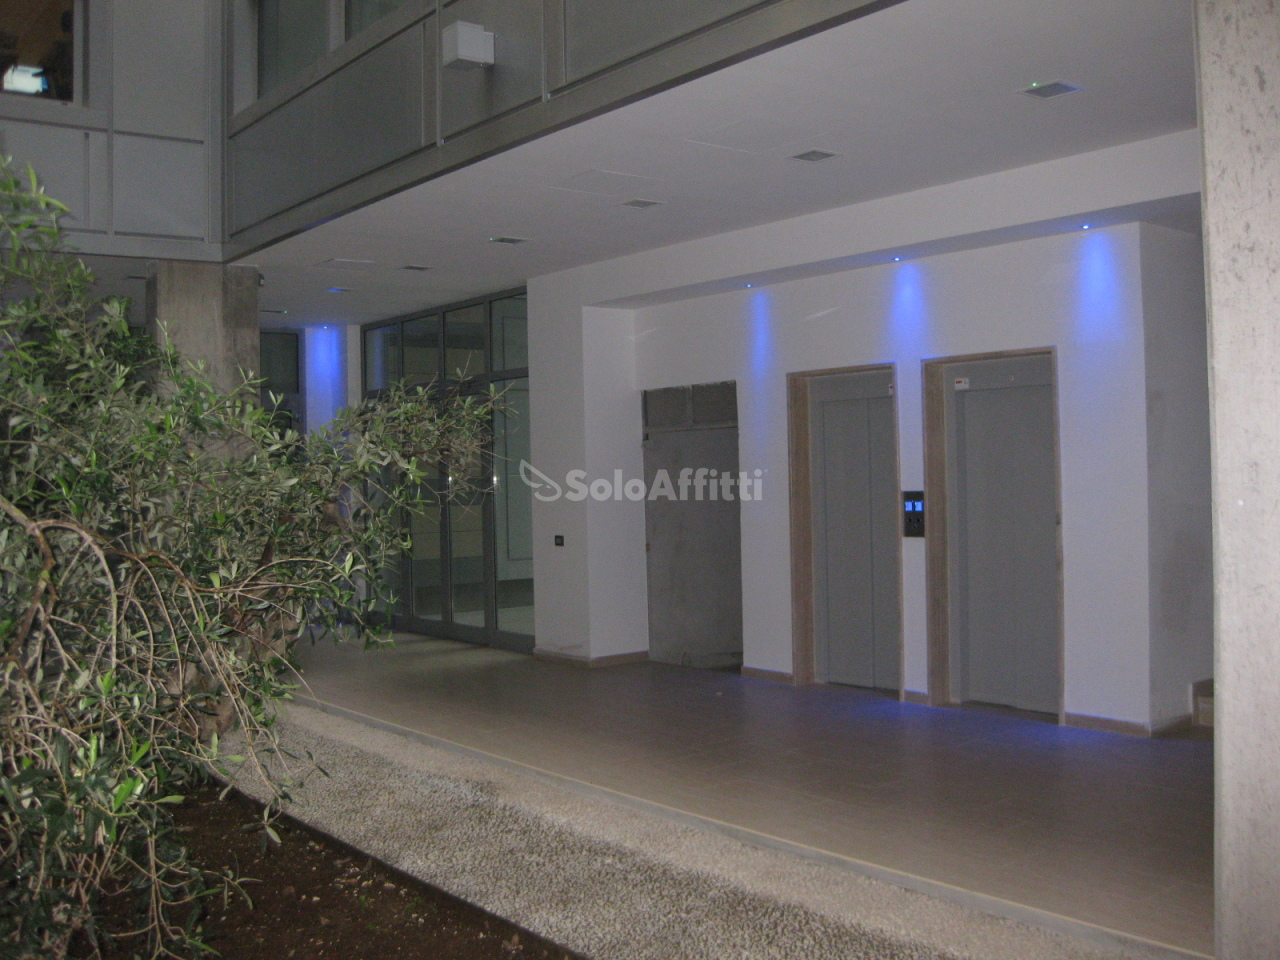 Ufficio - 4 locali a Cisterna di Latina Rif. 4135193